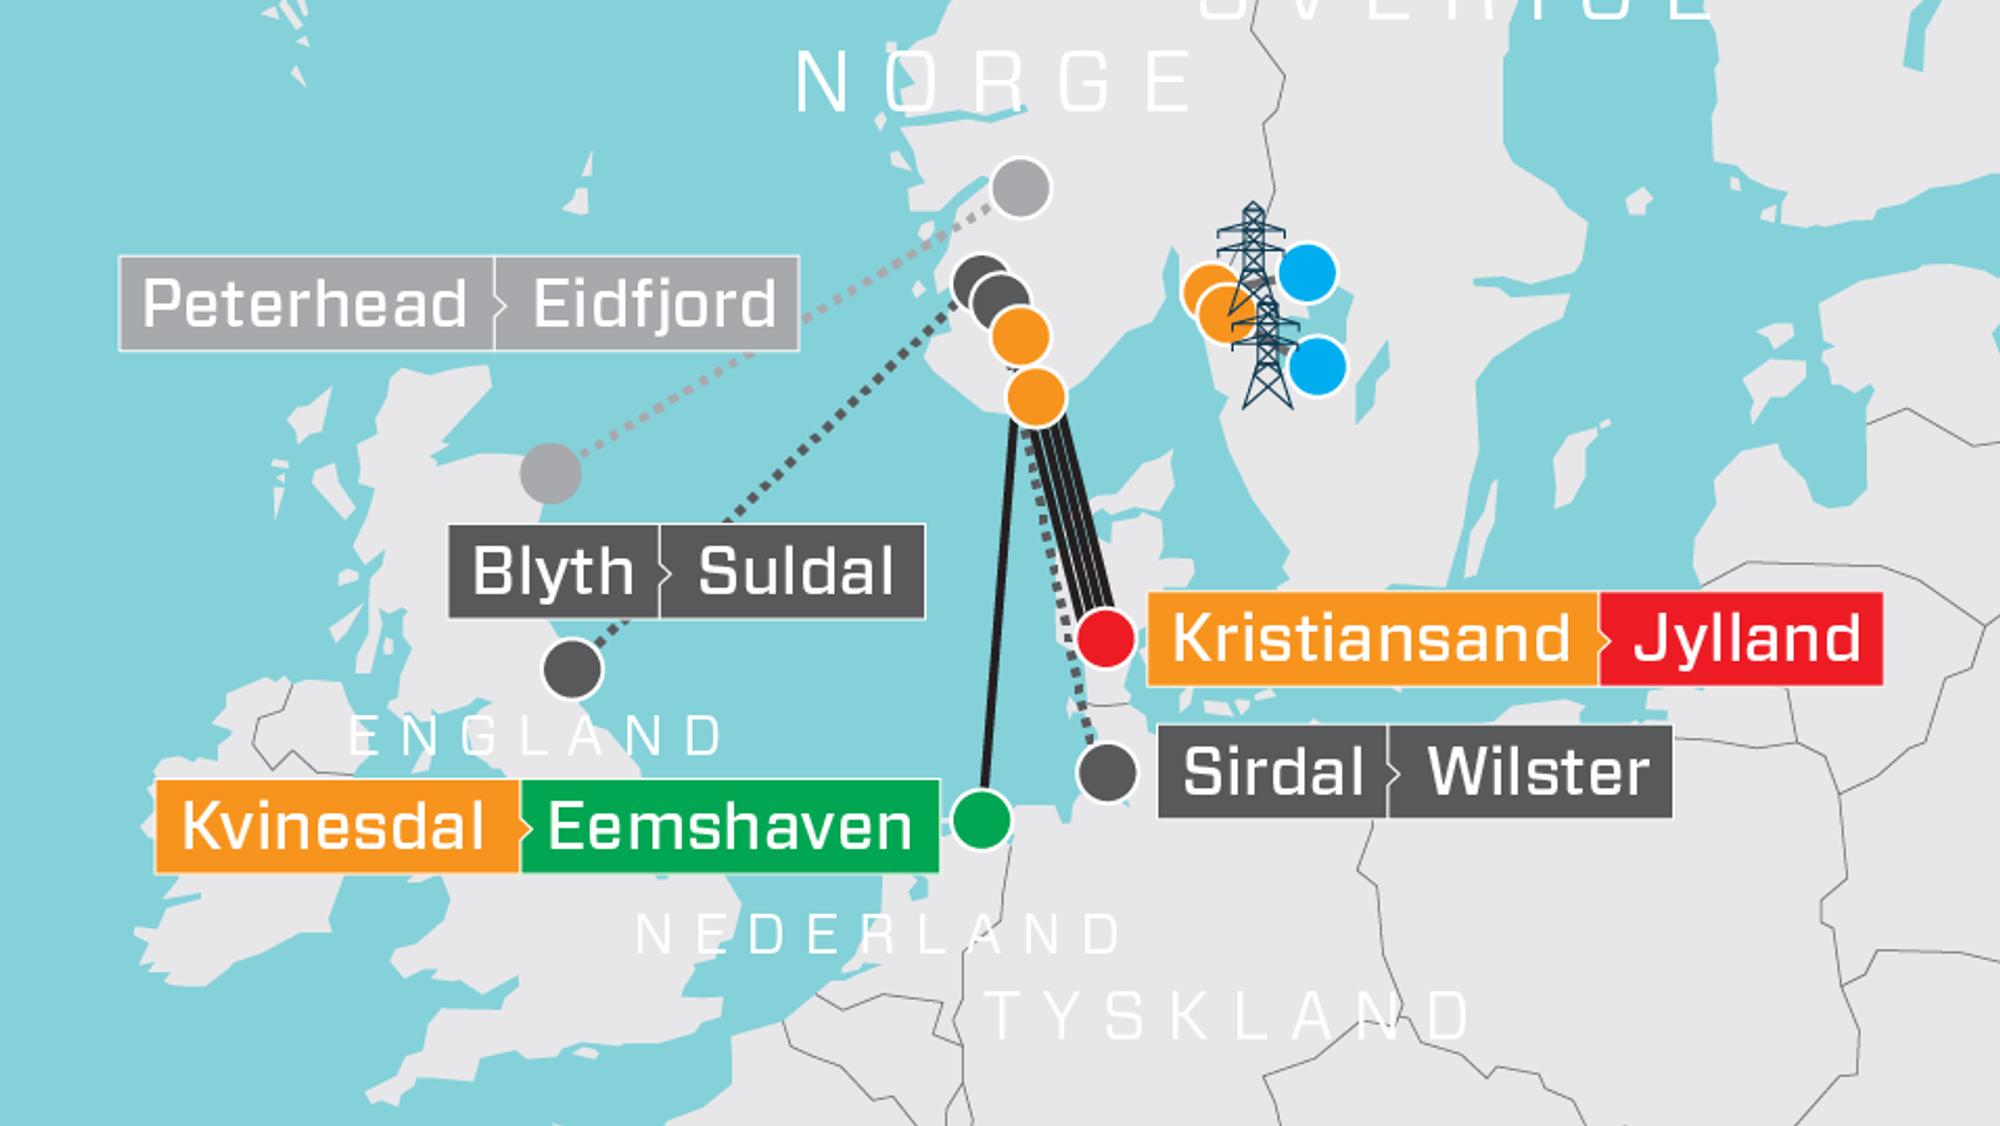 Både de fire Skagerrak-kablene til Danmark, NorNed-kabelen til Nederland og den nye Nordlink-kabelen til Tyskland påvirkes av linjearbeidene i Sør-Norge. Kabelen til England (North Sea Link) er ikke ferdig før i 2021, mens kabelen til Skottland (Northconnect) ikke engang er vedtatt.